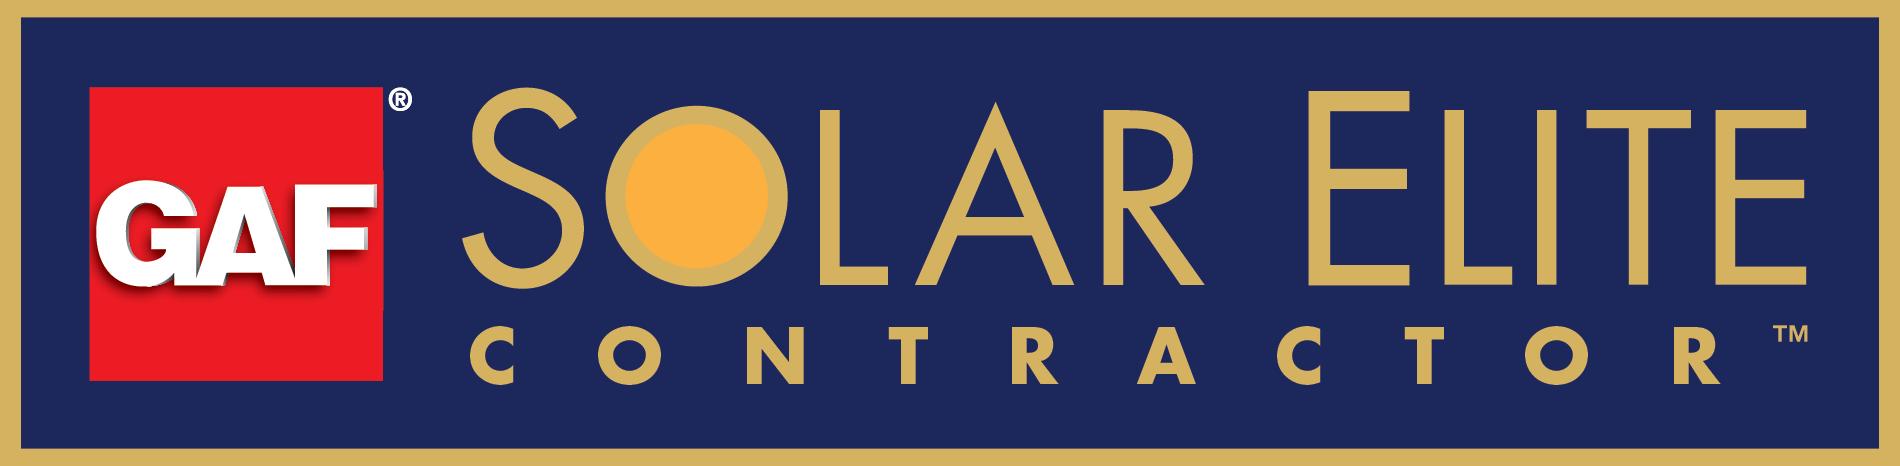 GAF GAF Solar Elite Contractor